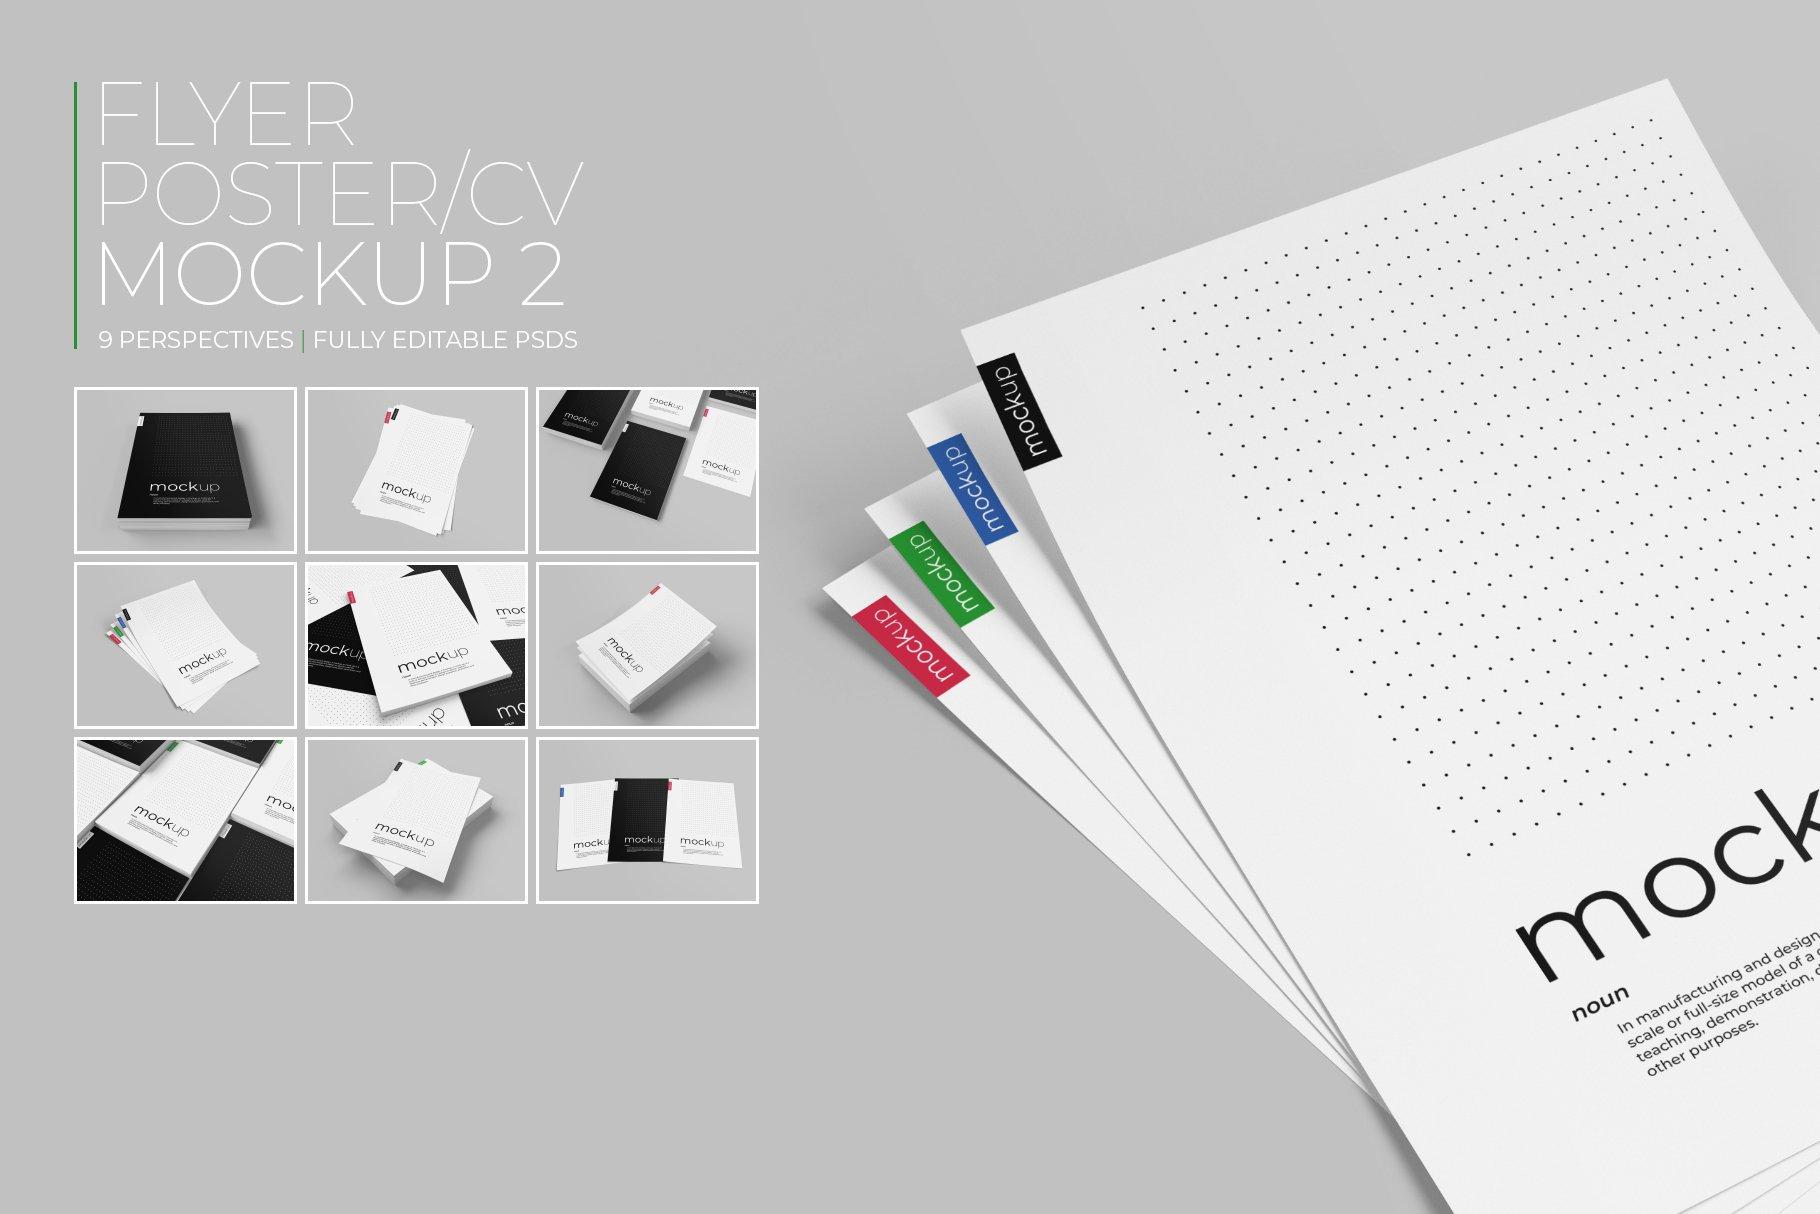 9款传单海报简历设计展示样机模板 Flyer Poster CV Mockup 2插图